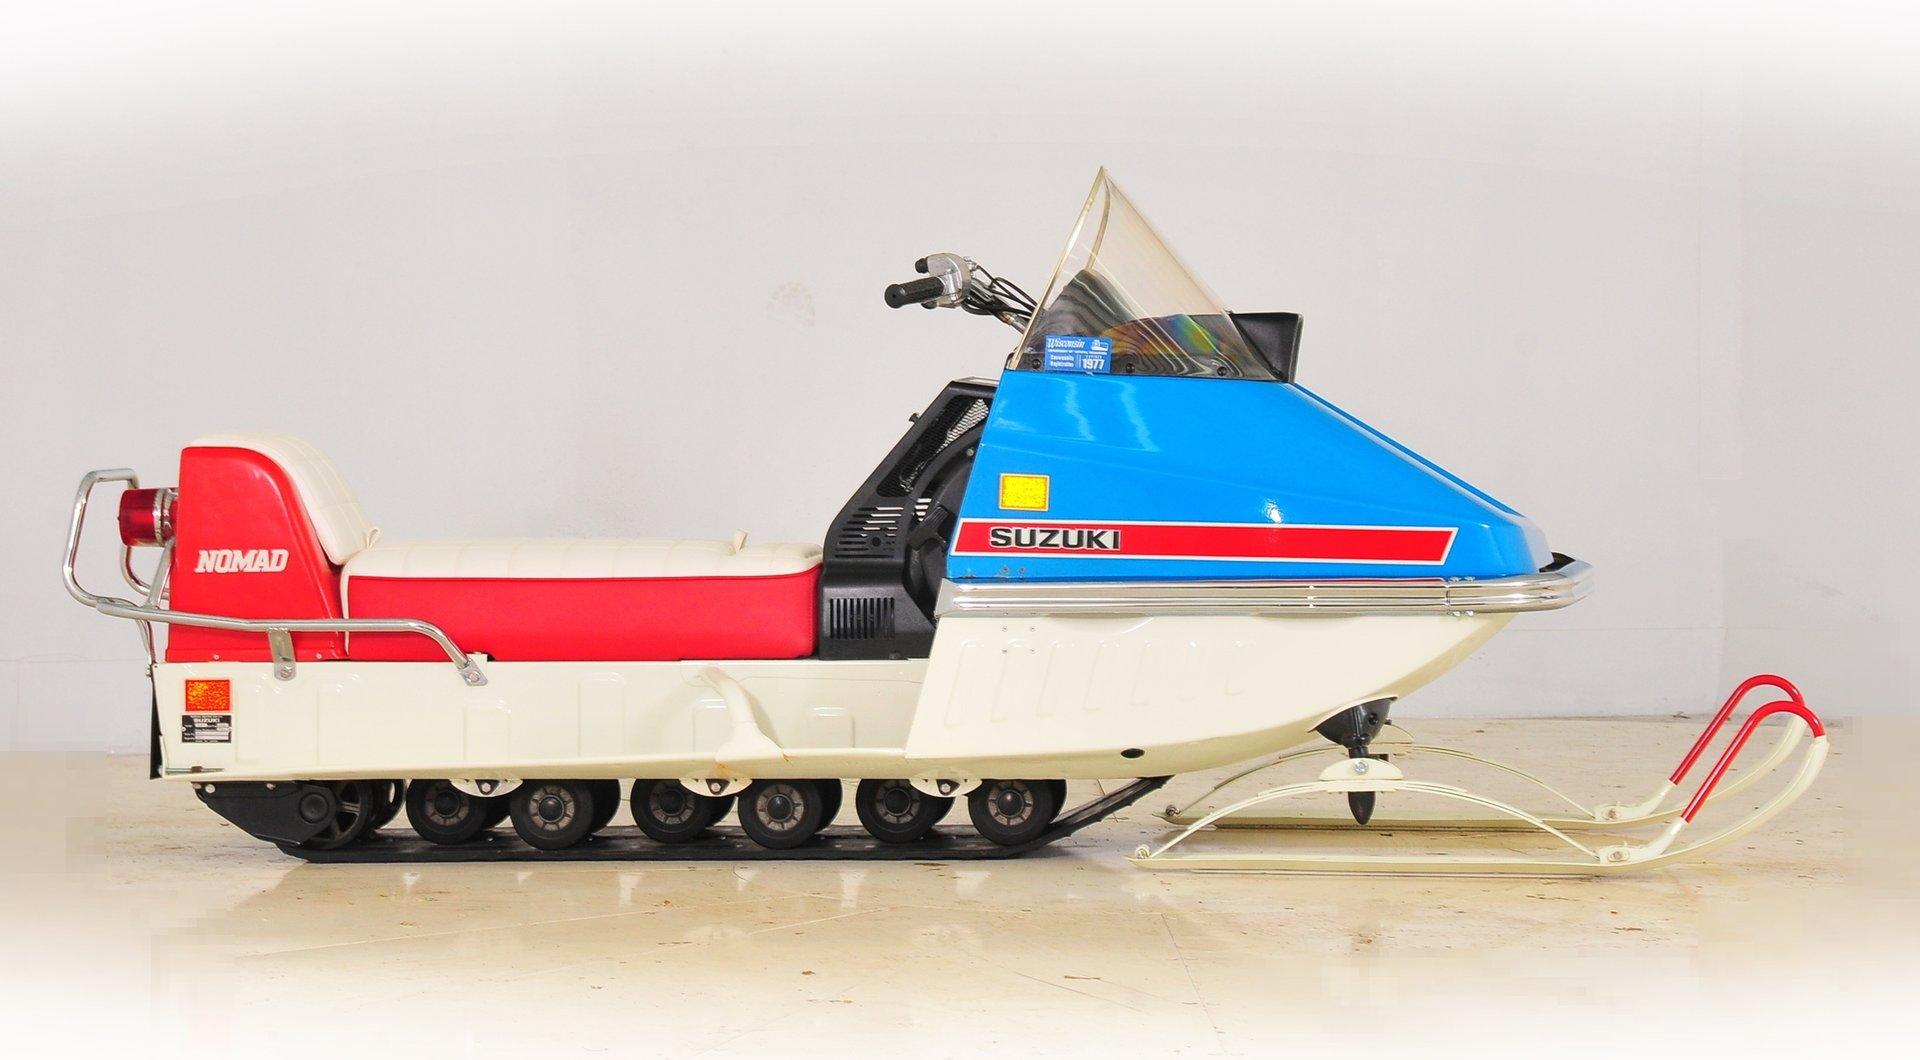 1973 suzuki nomad 340